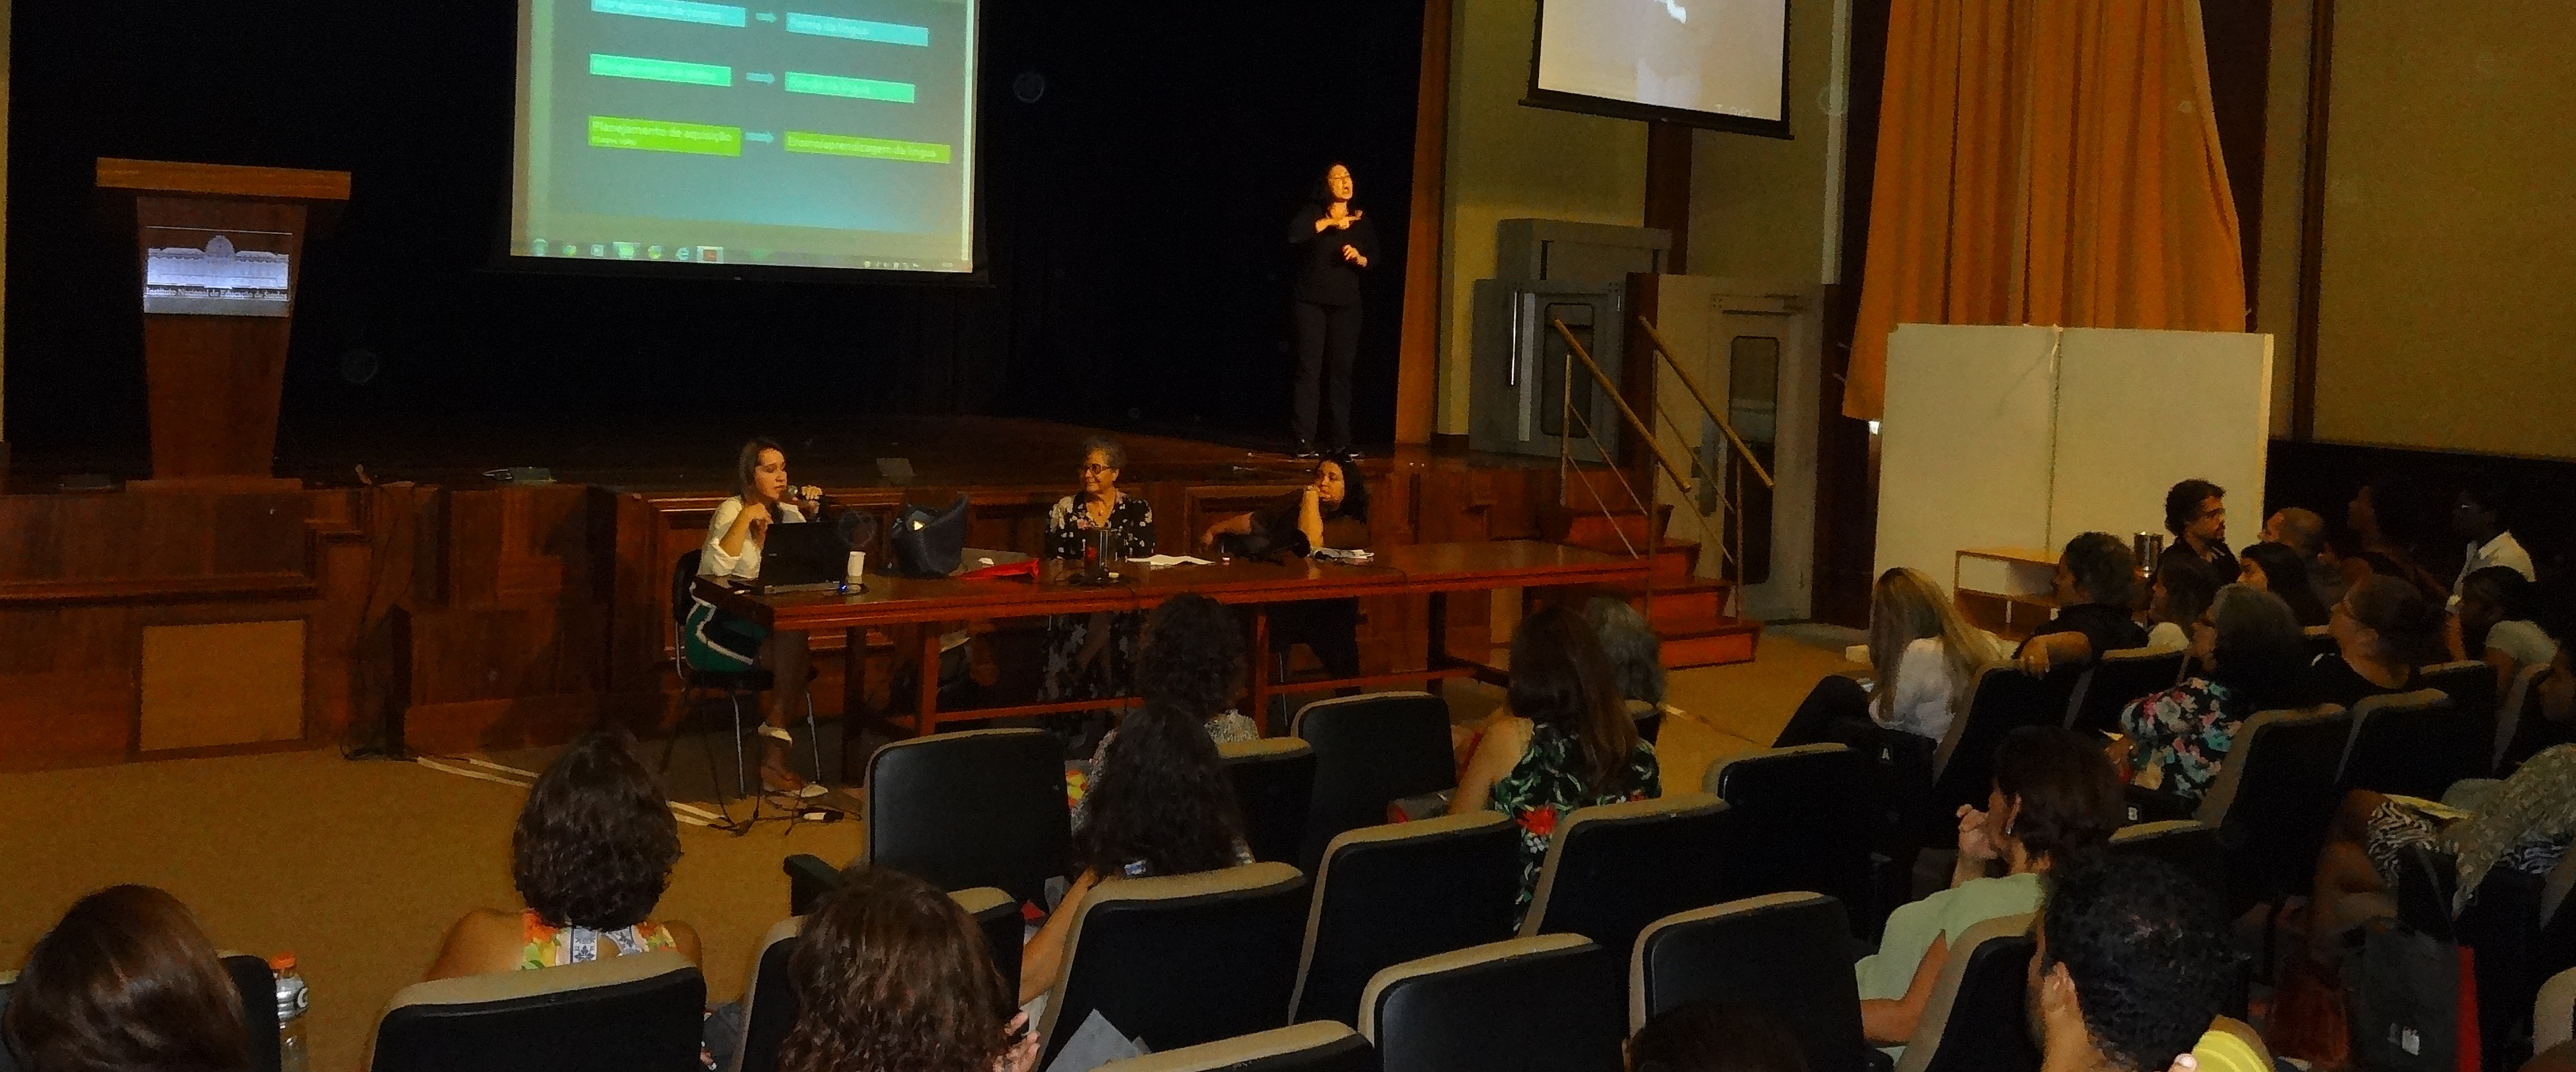 VII Semana Pedagógica do INES discute desafios da formação bilíngue